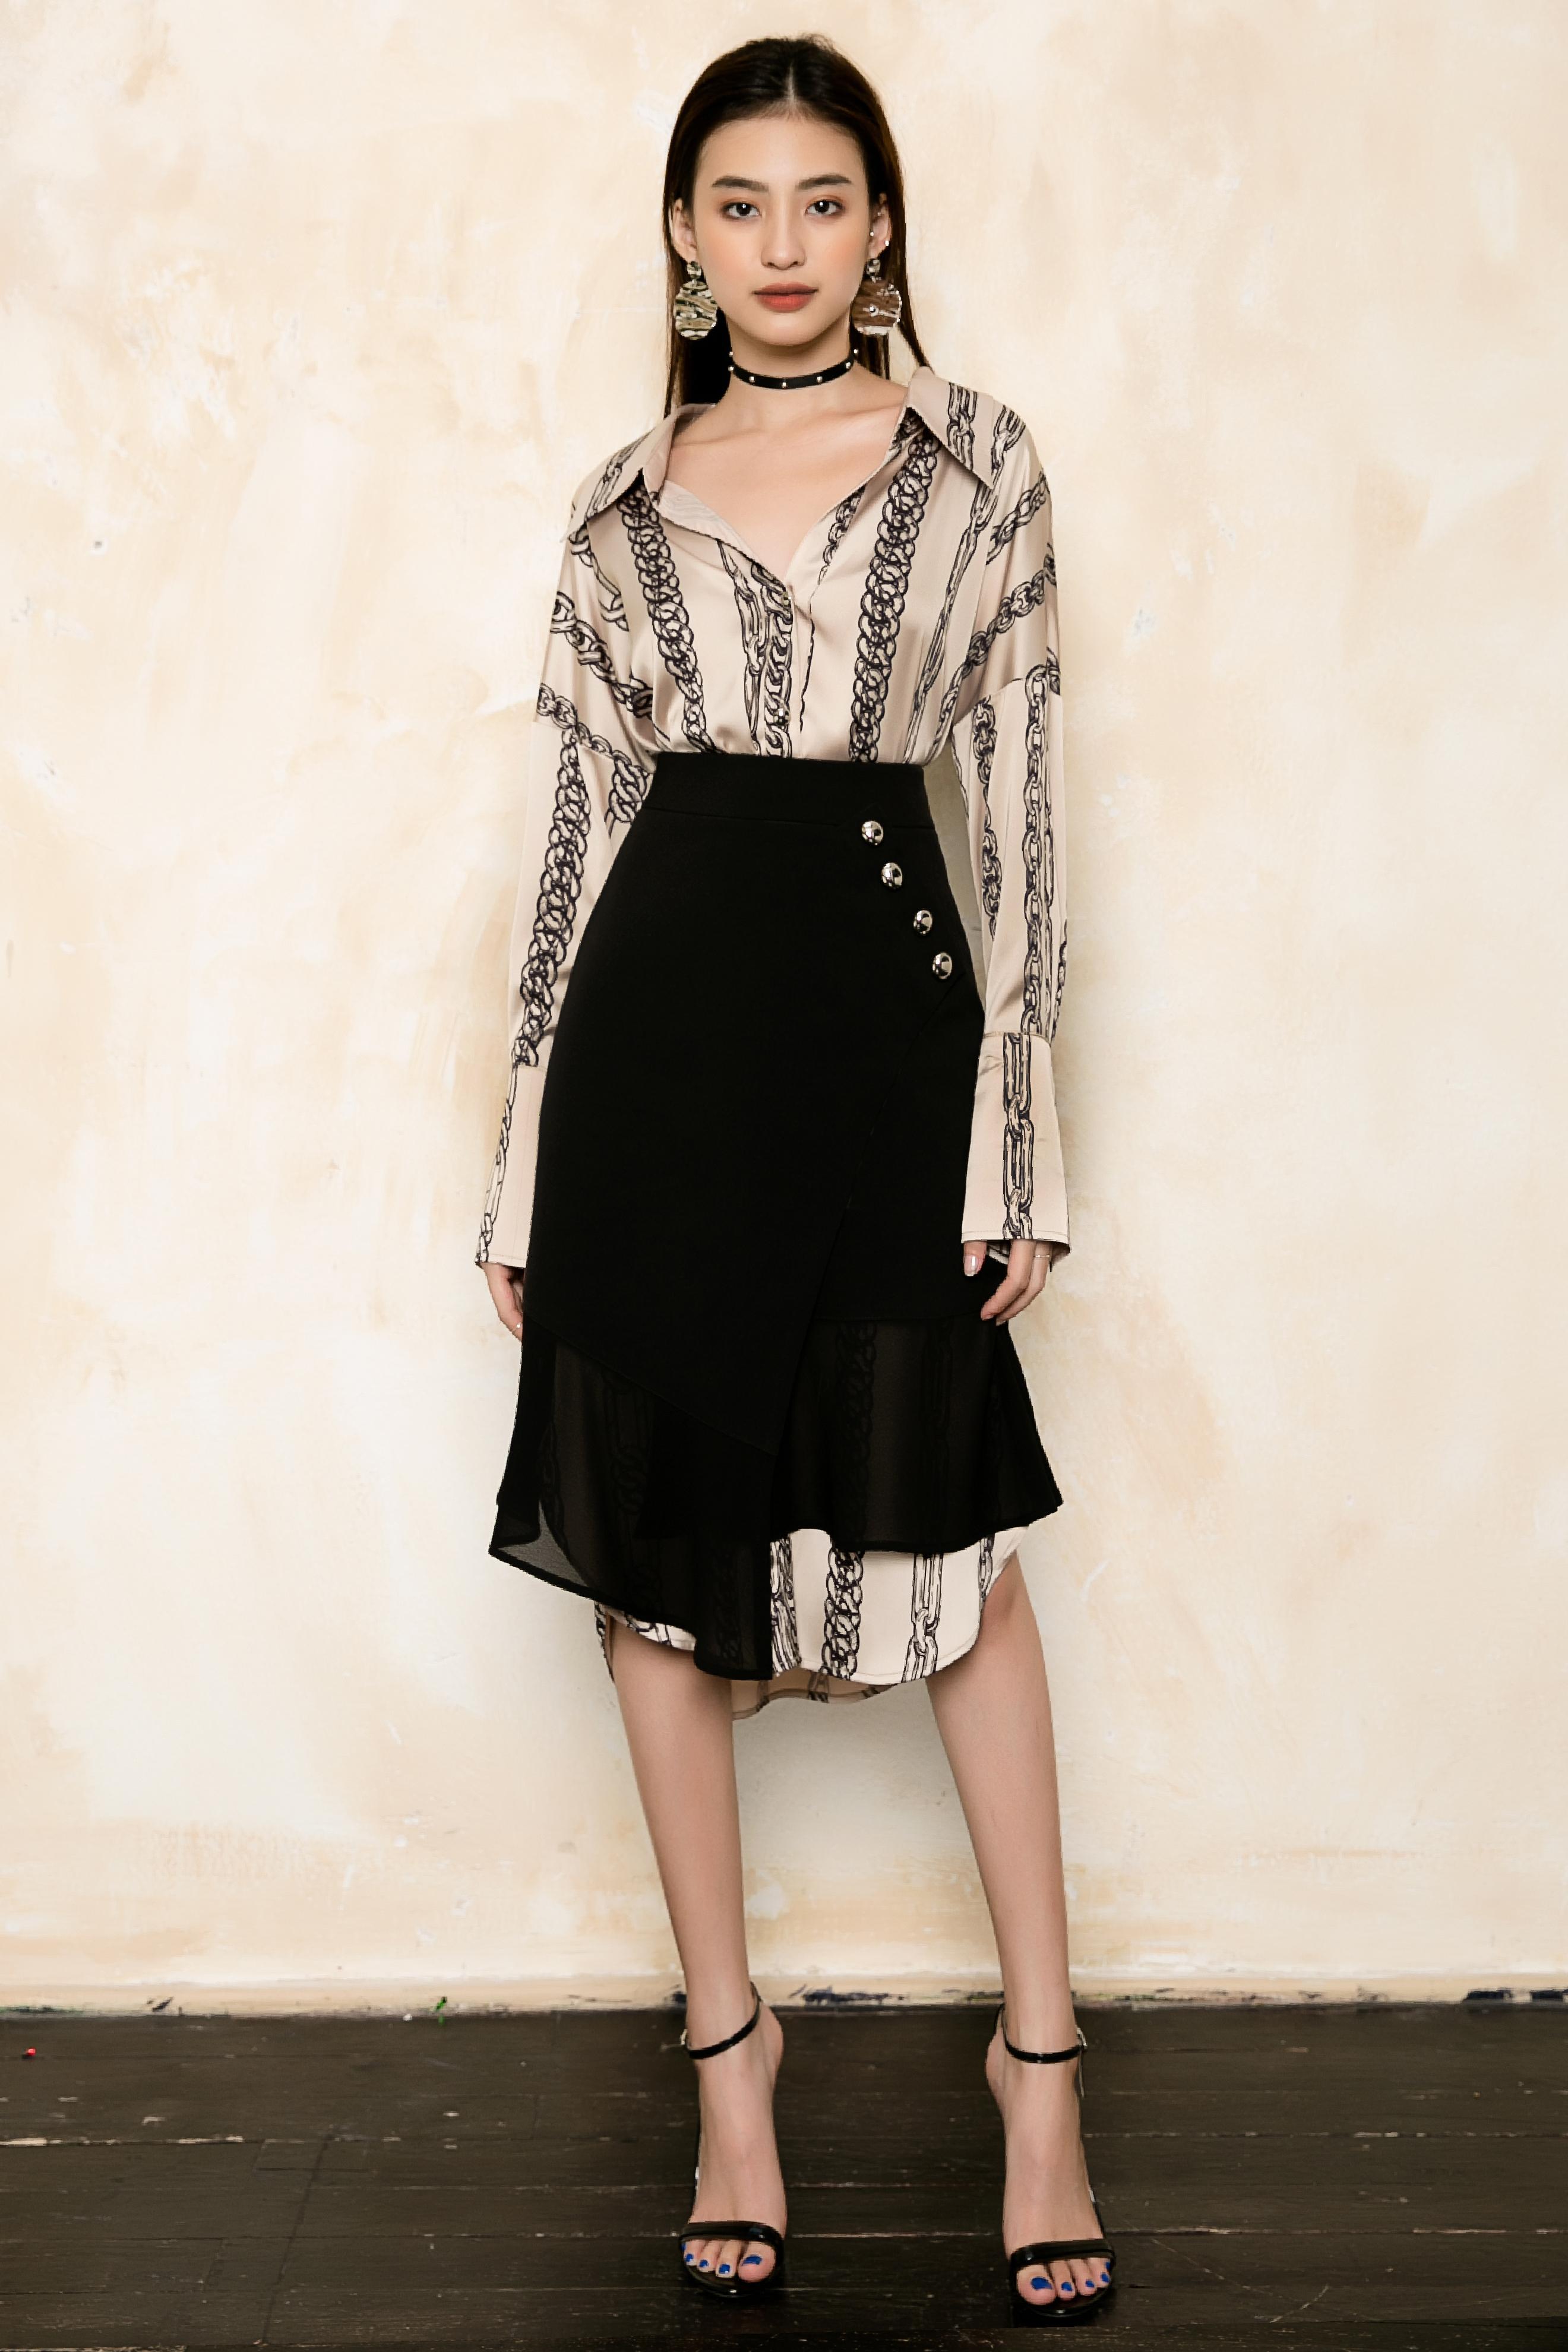 V753 - Váy đầm lụa suông thắt lưng eo thiết kế xích in - Be, Hồng - Bely